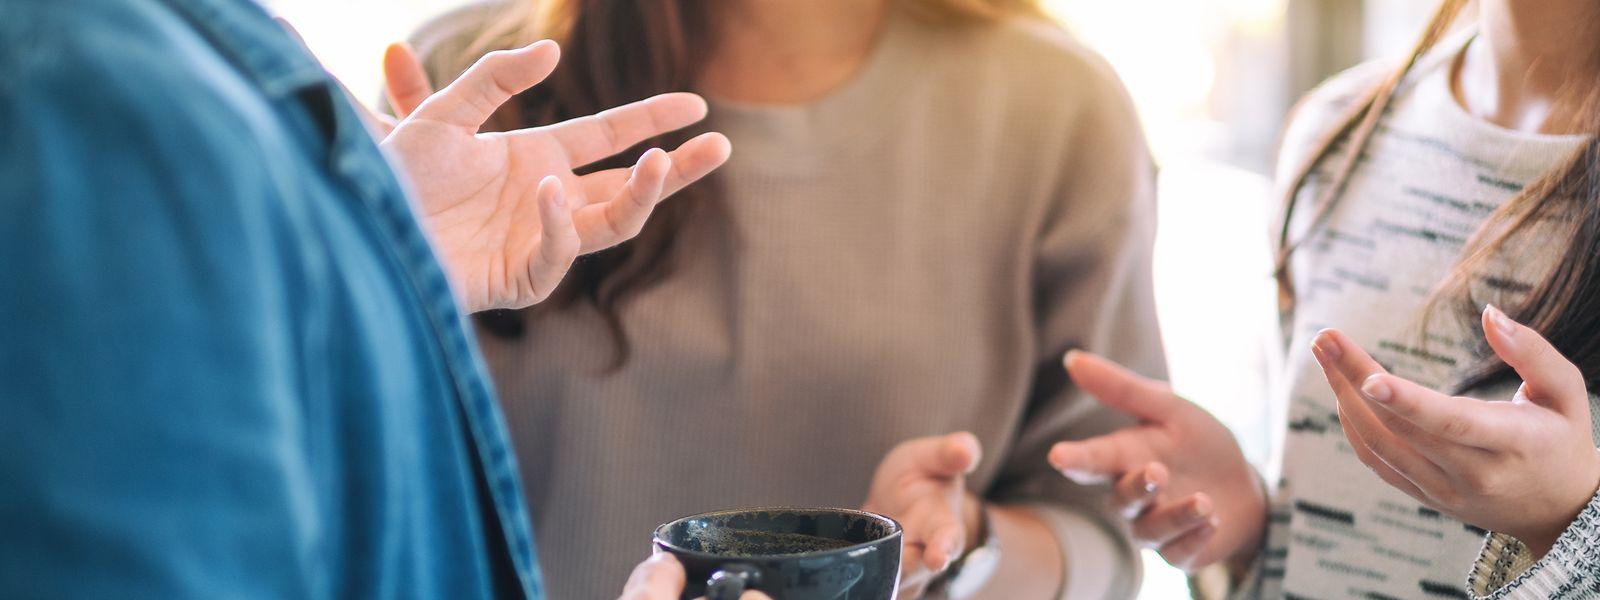 Wenn Menschen sich unterhalten, tun sie das nicht nur mittels ihrer Stimme. Auch die Körpersprache spielt bei der Kommunikation eine wichtige Rolle.